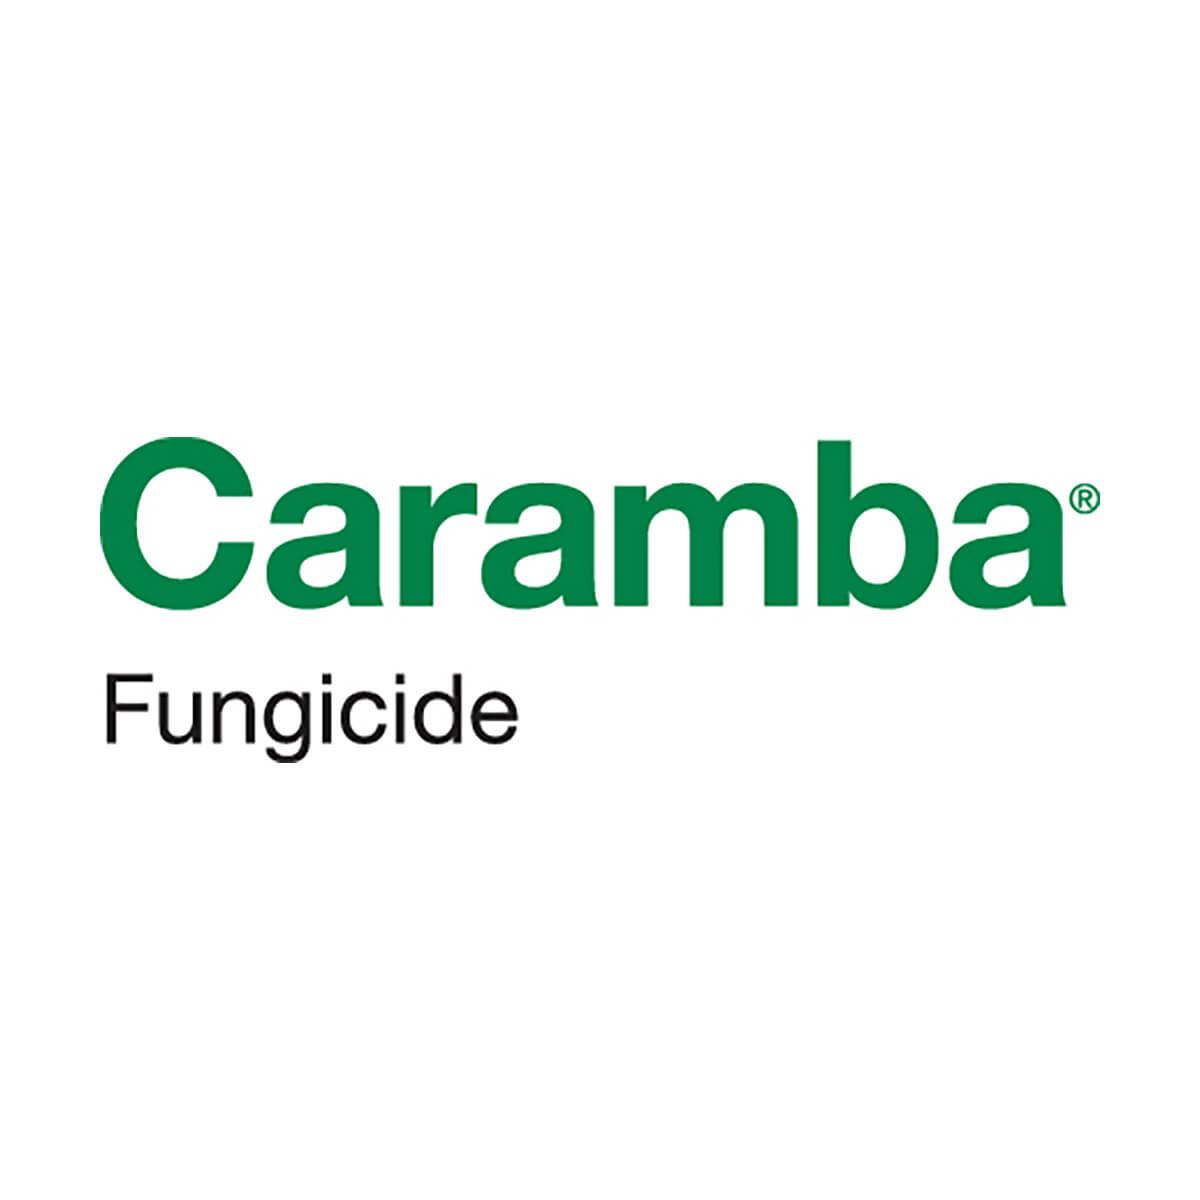 Caramba® Fungicide - 400 L Tote